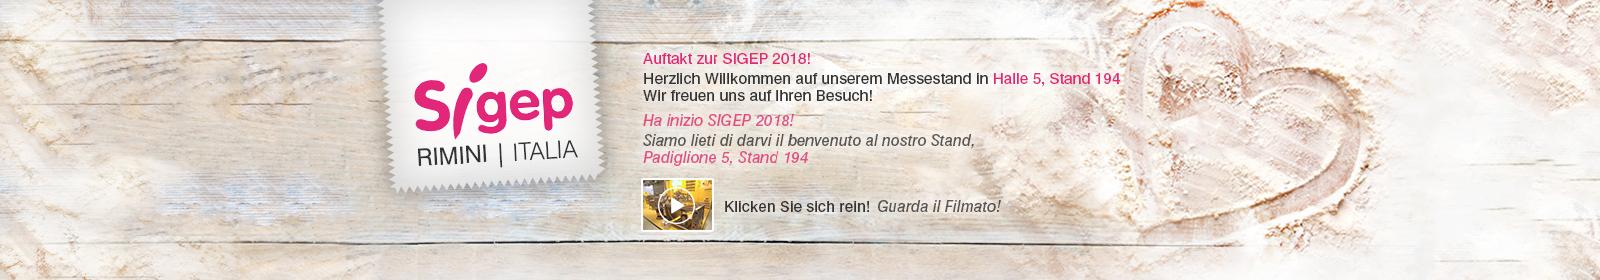 Dübör auf der Messe SIGEP in Rimini